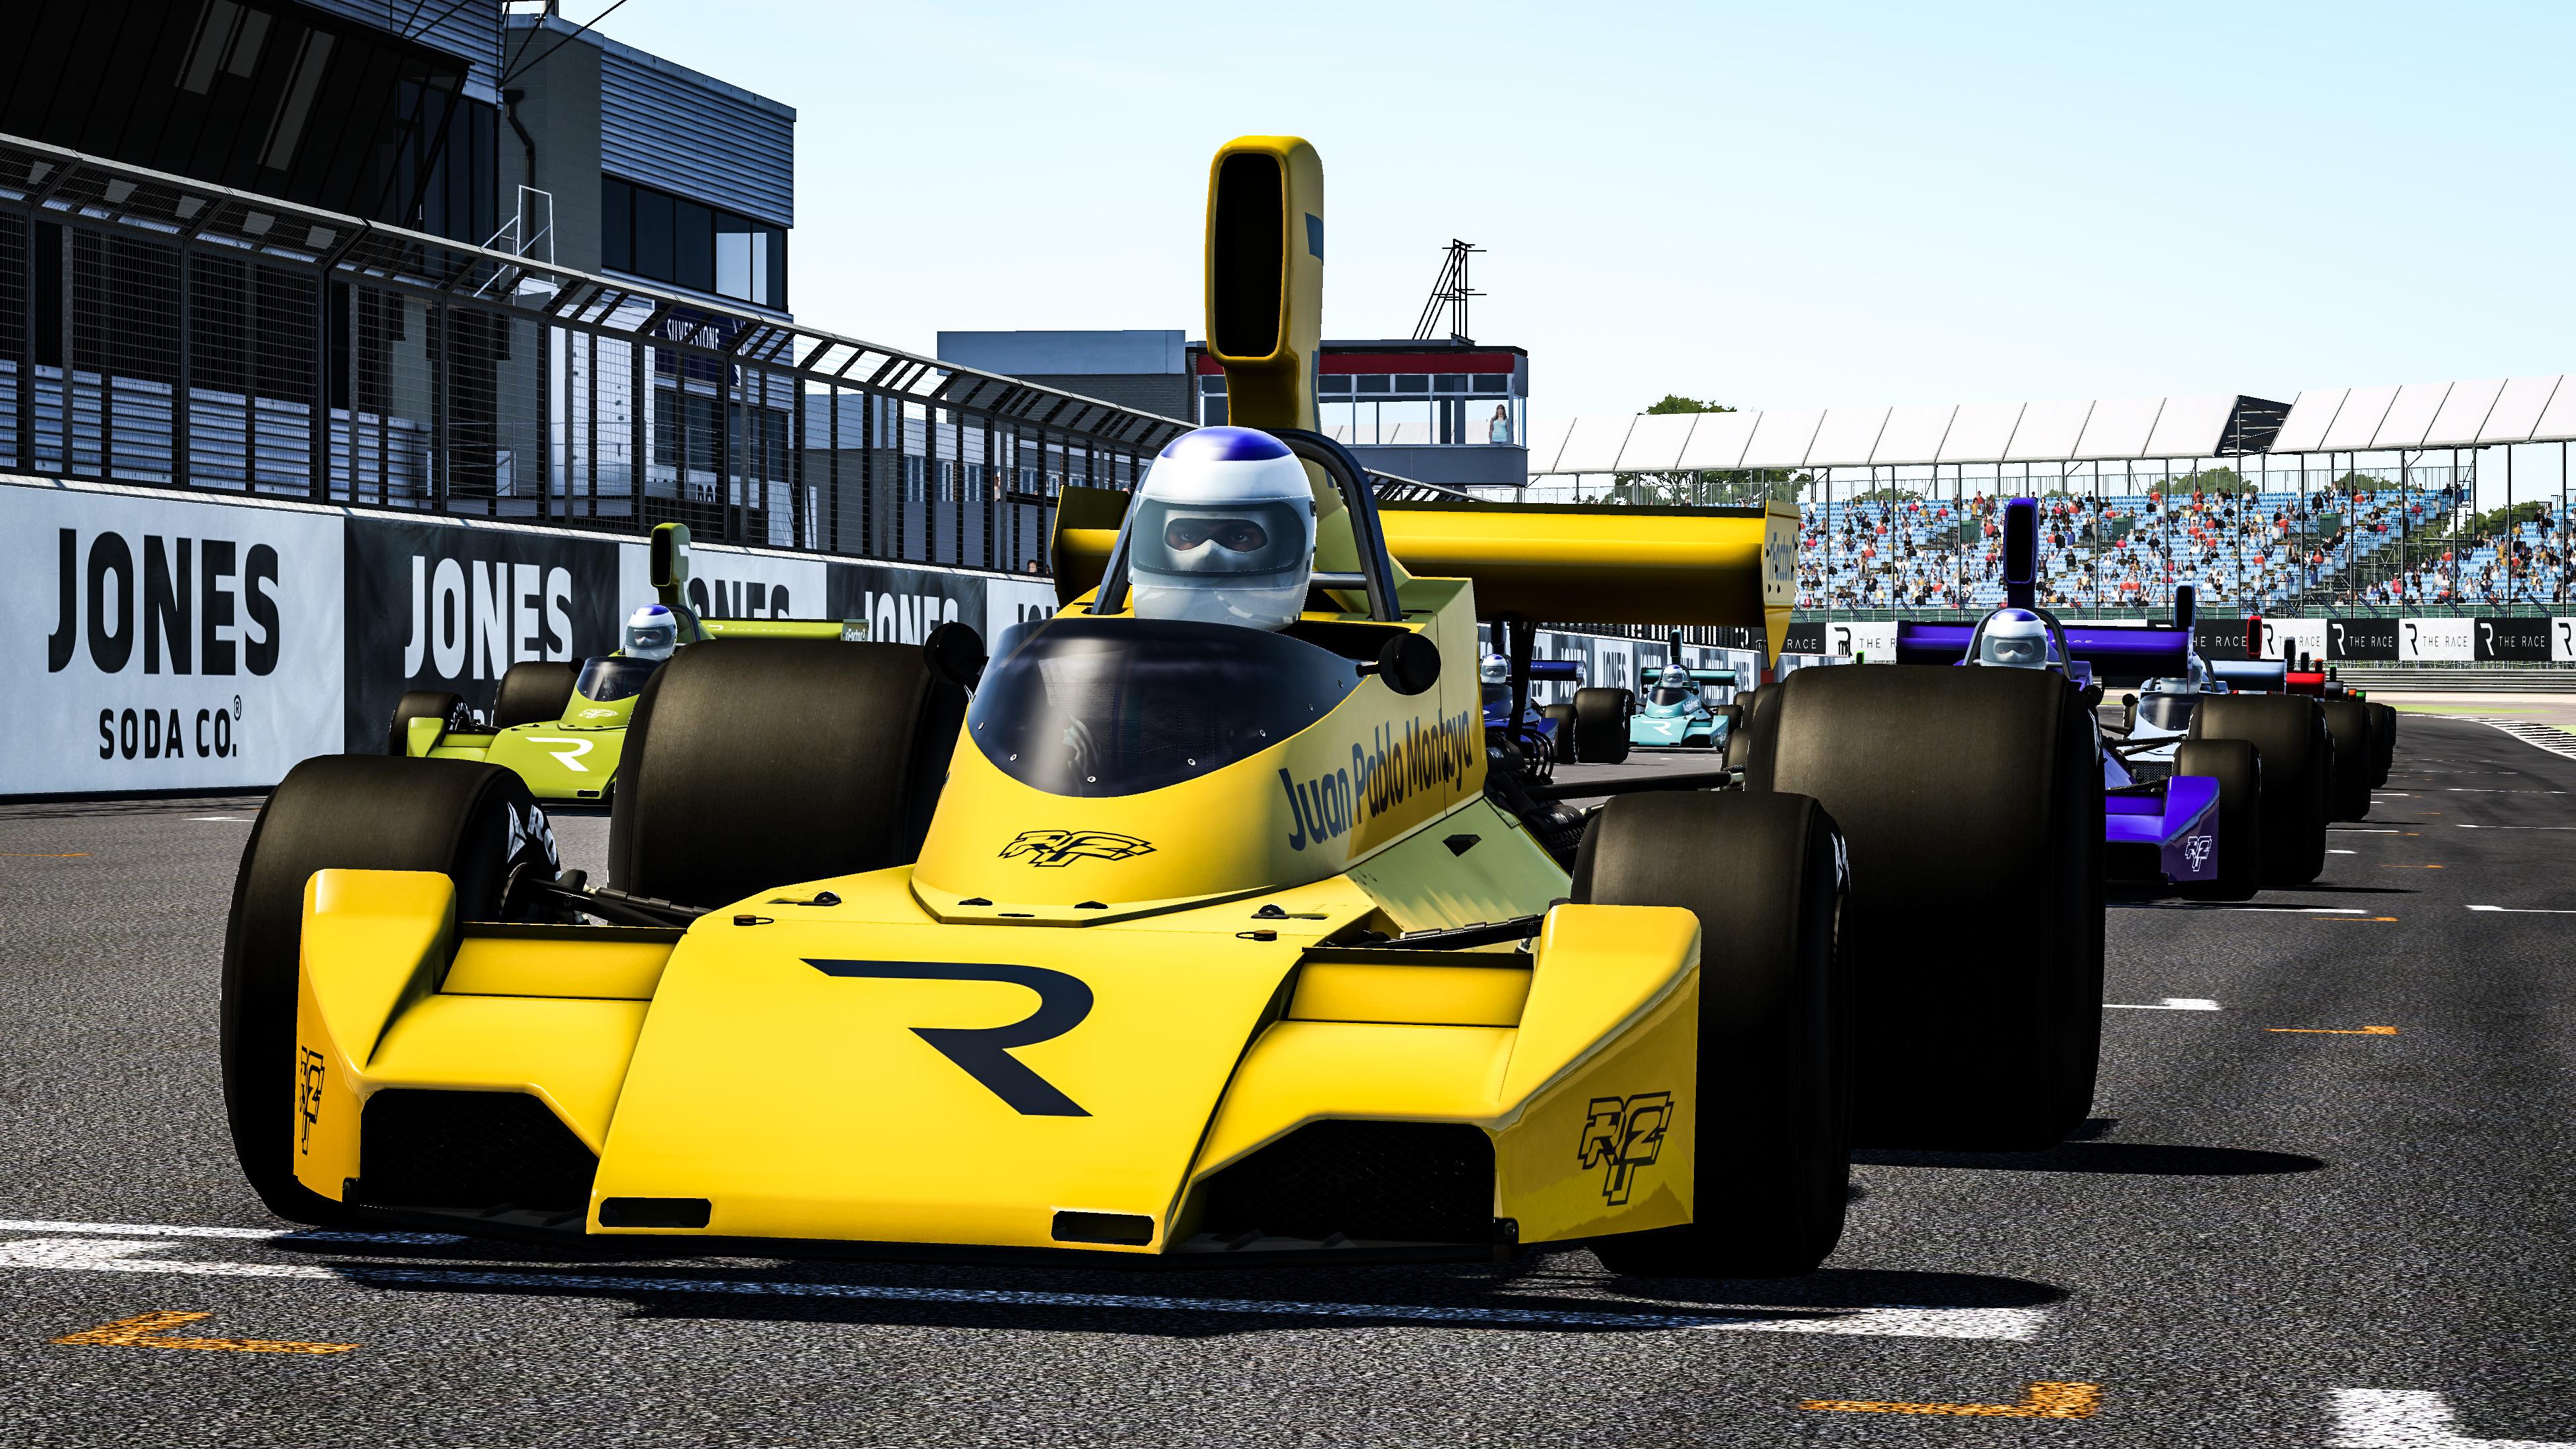 The Race Legends Trophy Juan Pablo Montoya